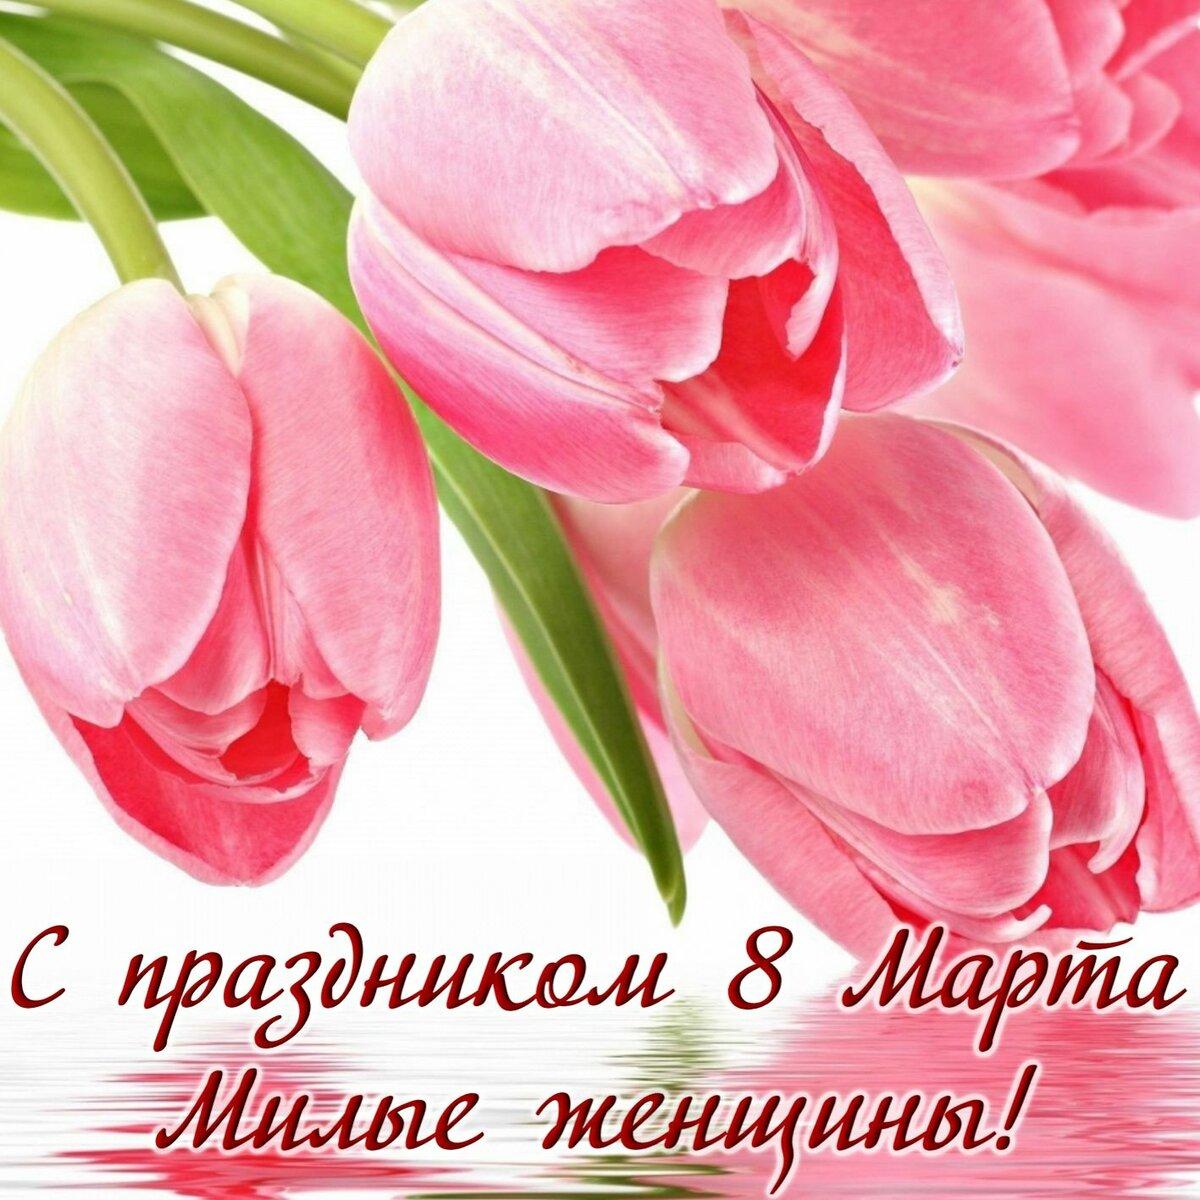 Здравствуйте друзья, с днем 8 марта открытки с тюльпанами